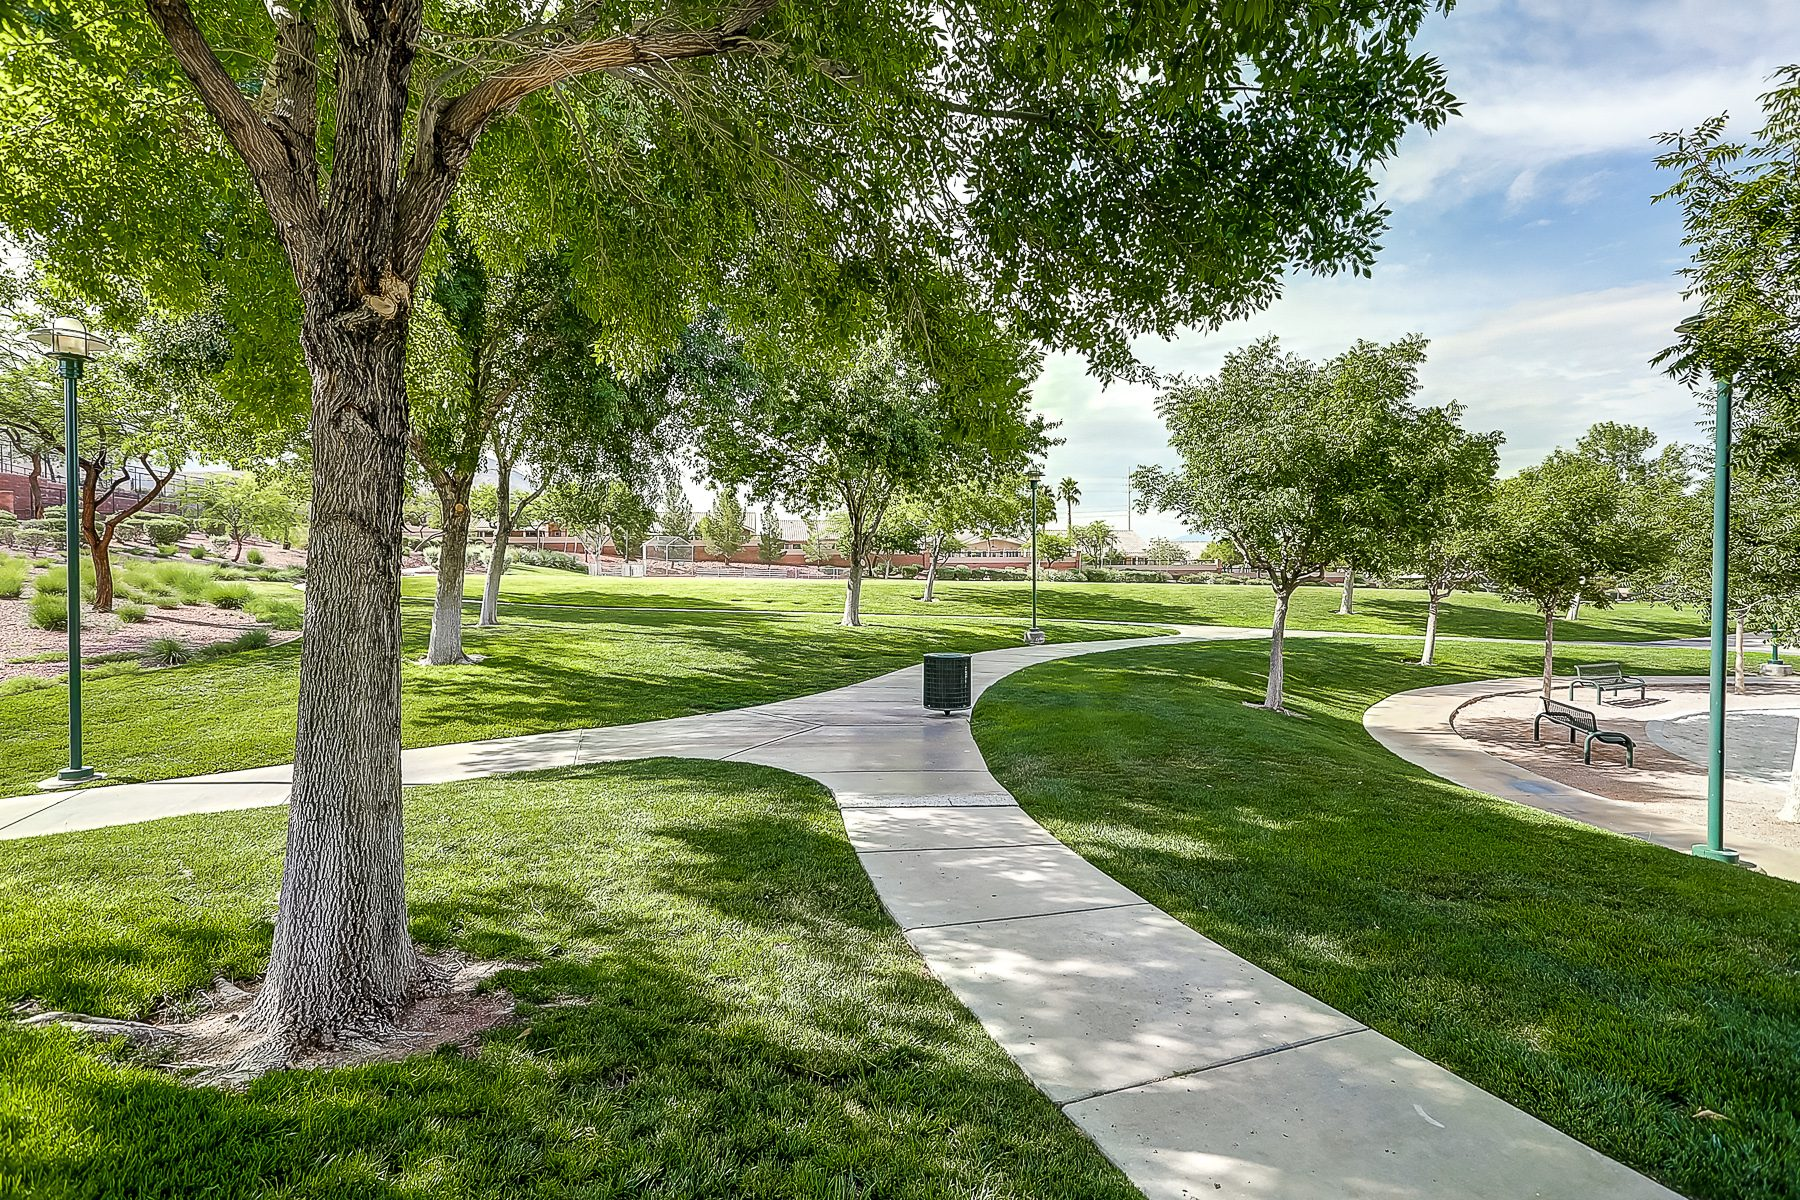 11 summerlin community parks